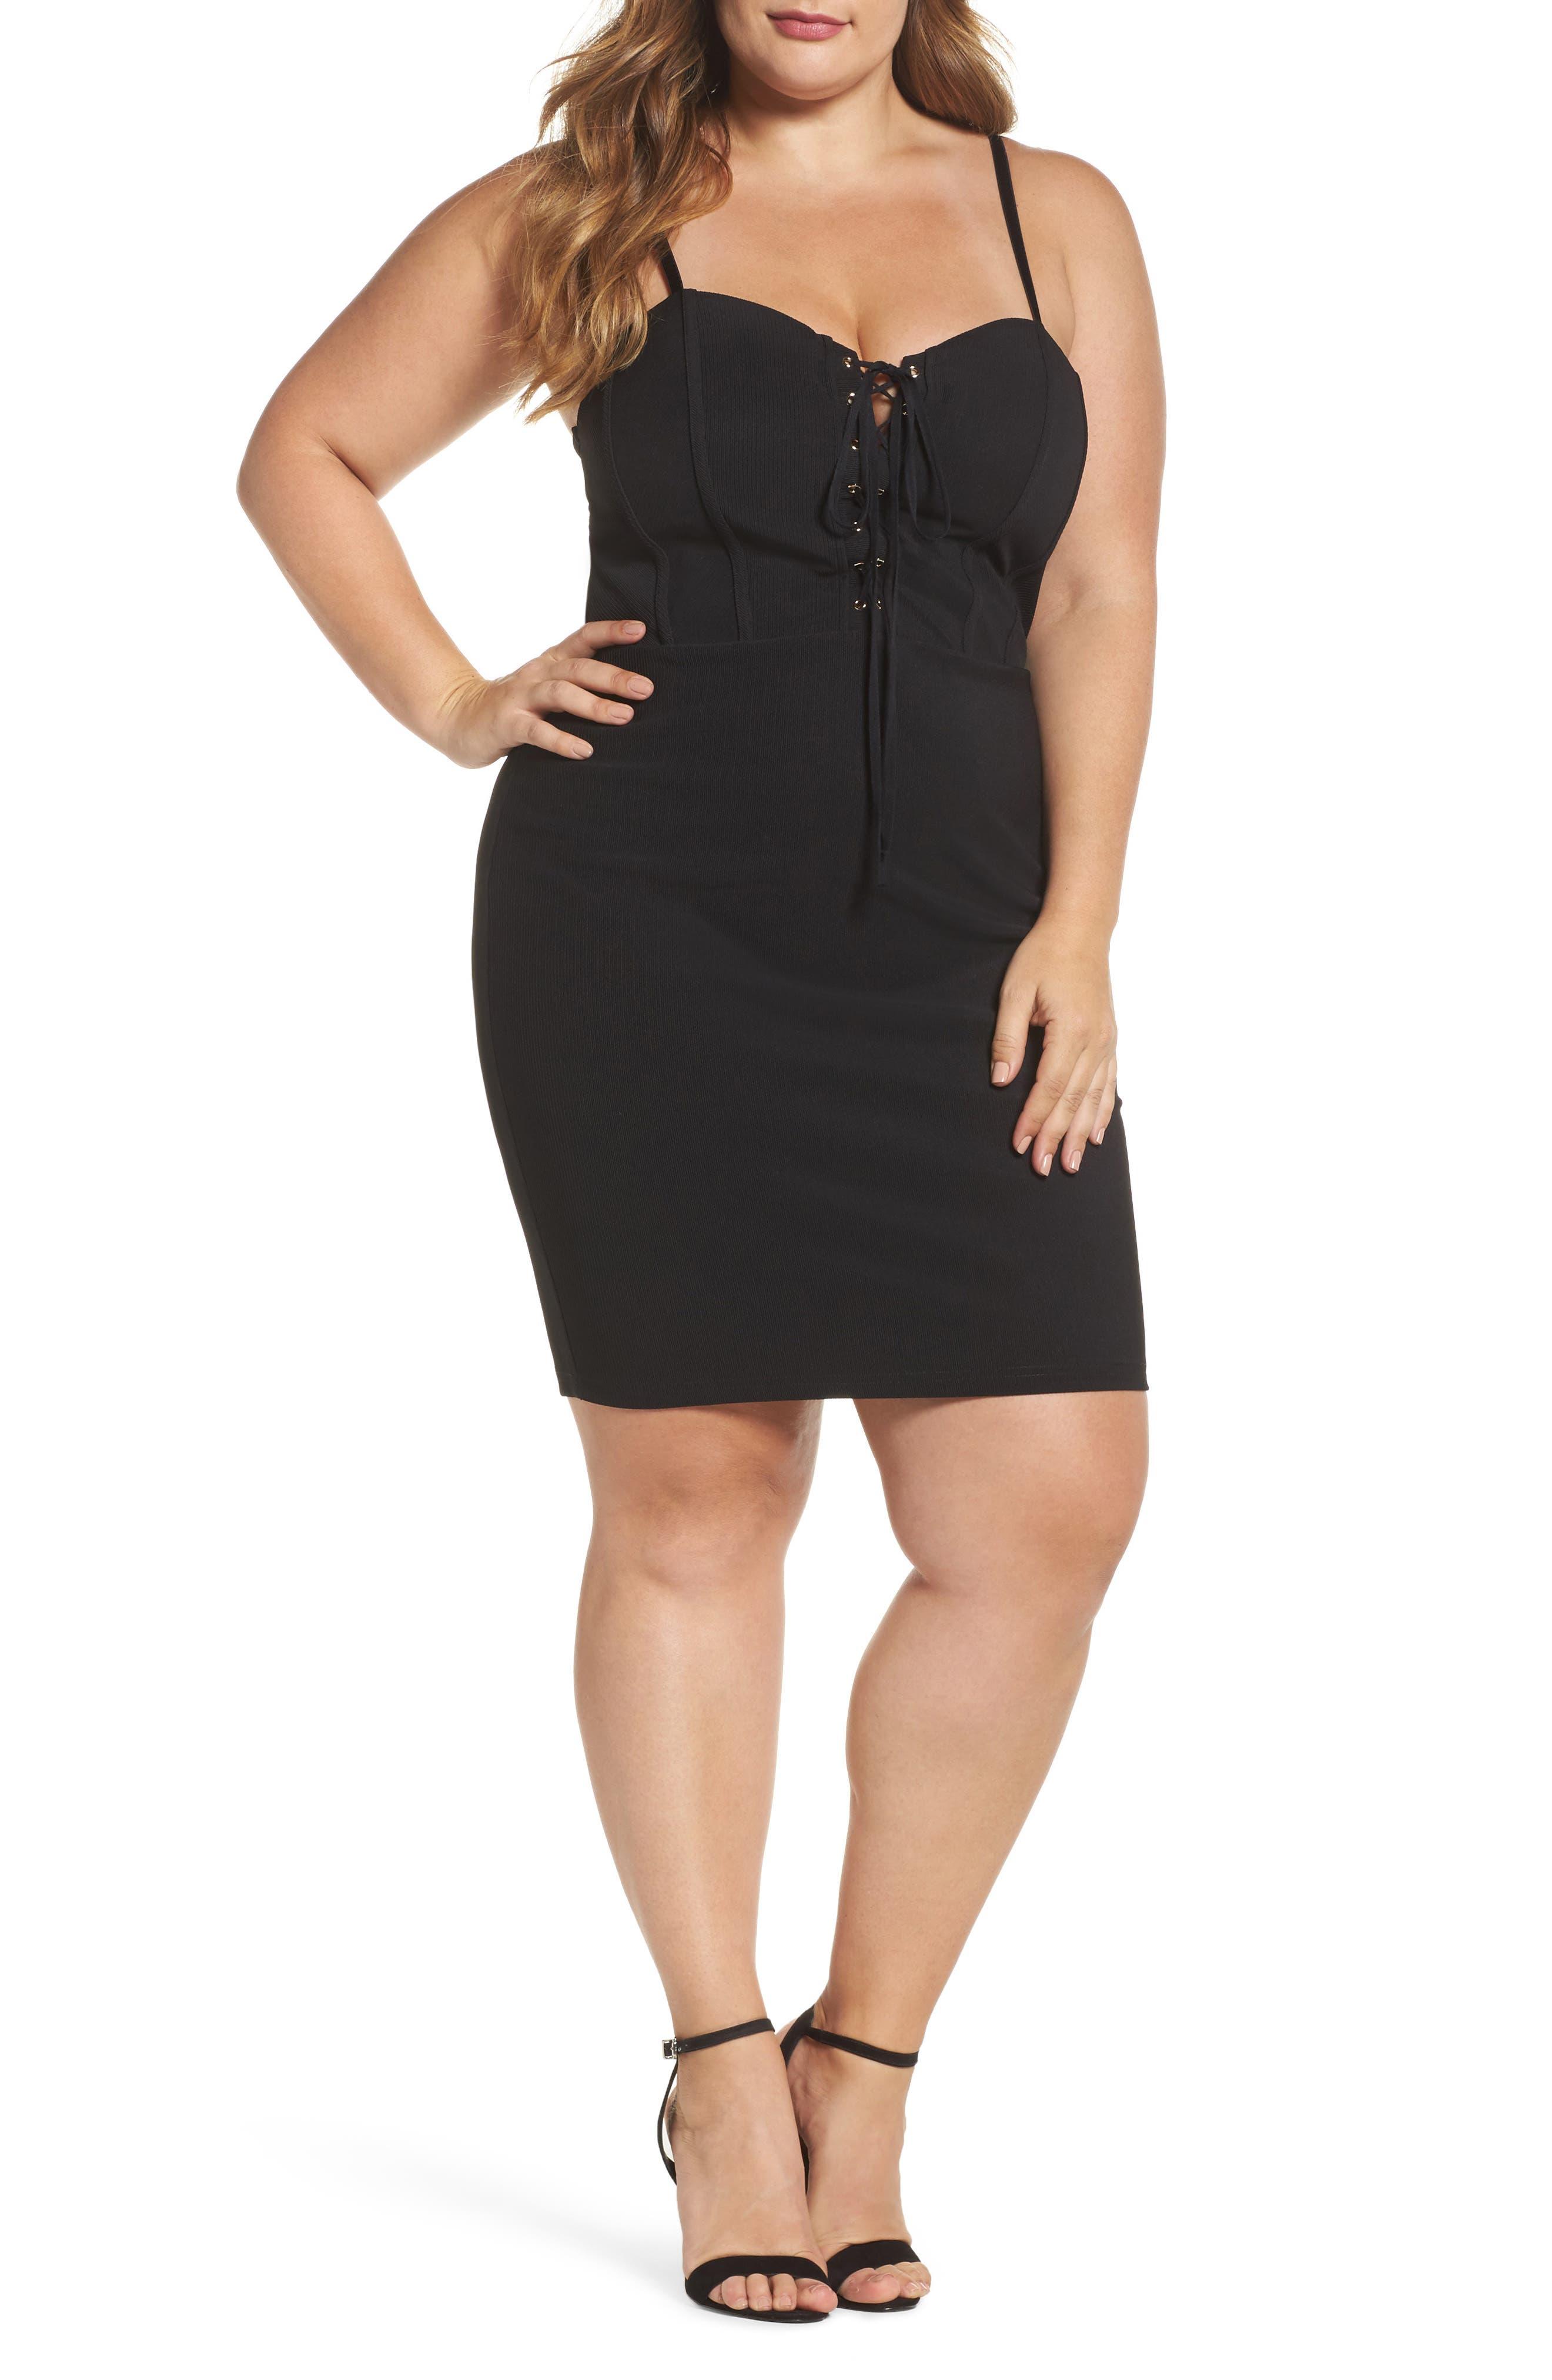 Soprano Corset Body-Con Dress